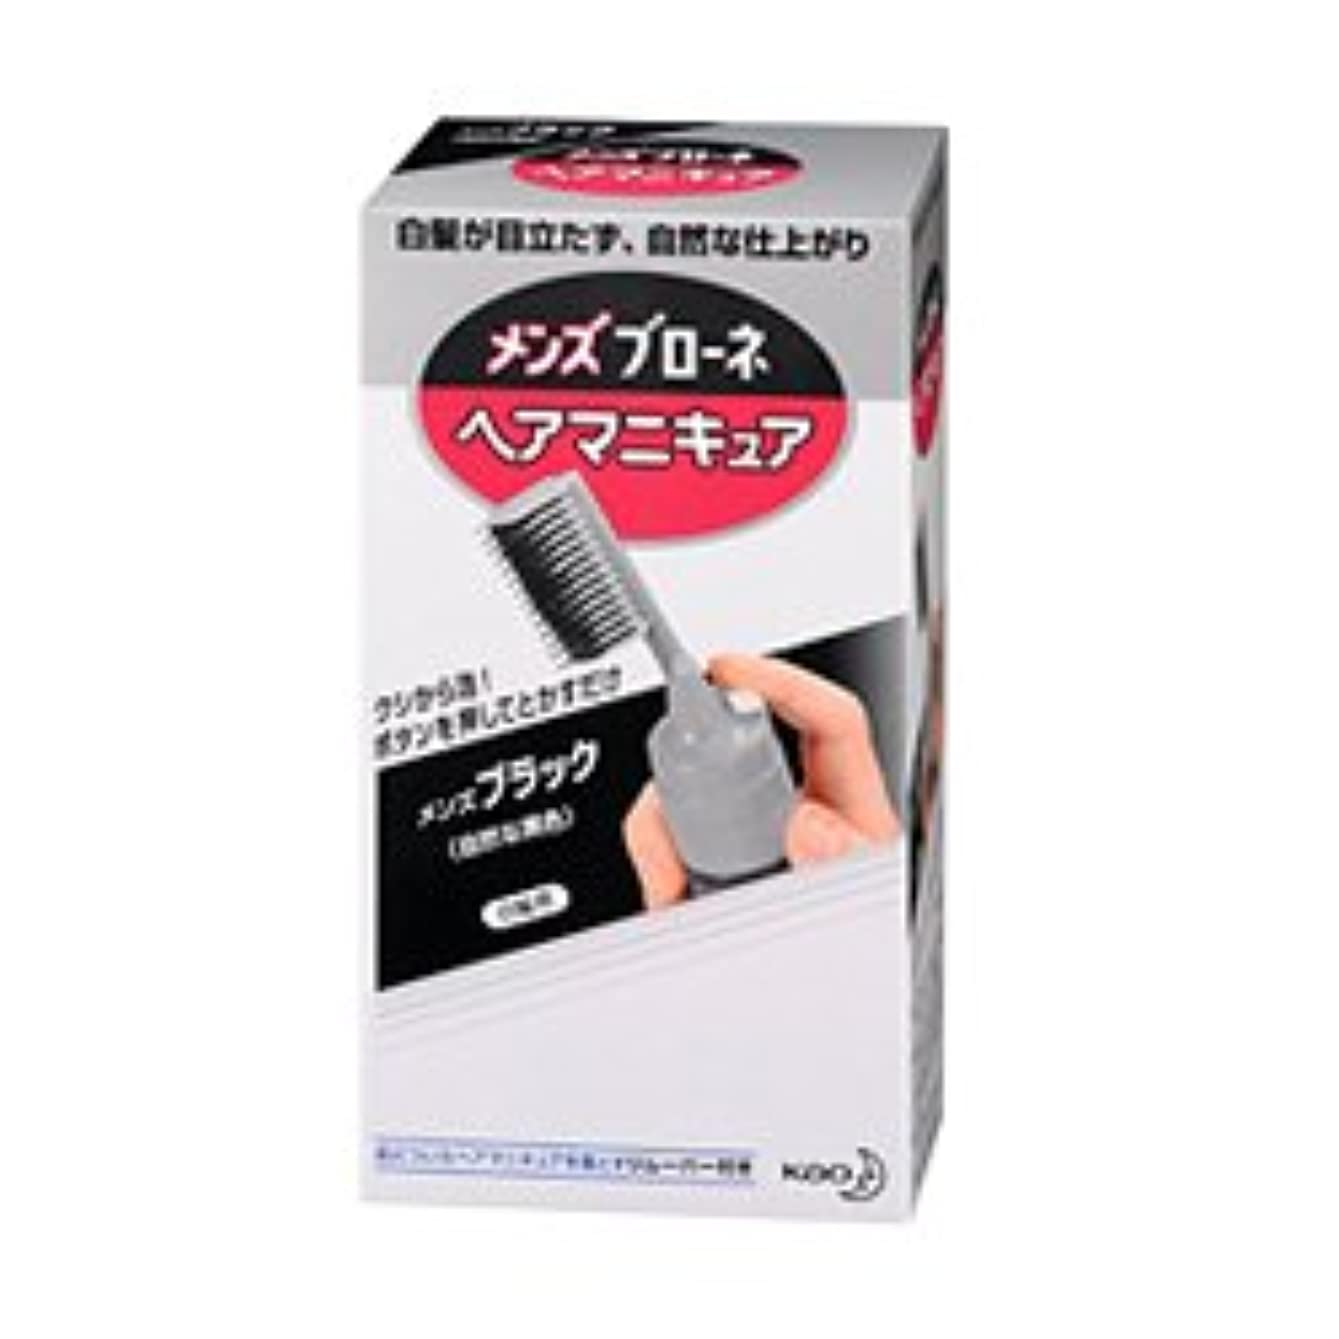 たまに波紋ミルク【花王】メンズブローネ ヘアマニキュア白髪用 メンズブラック ×5個セット